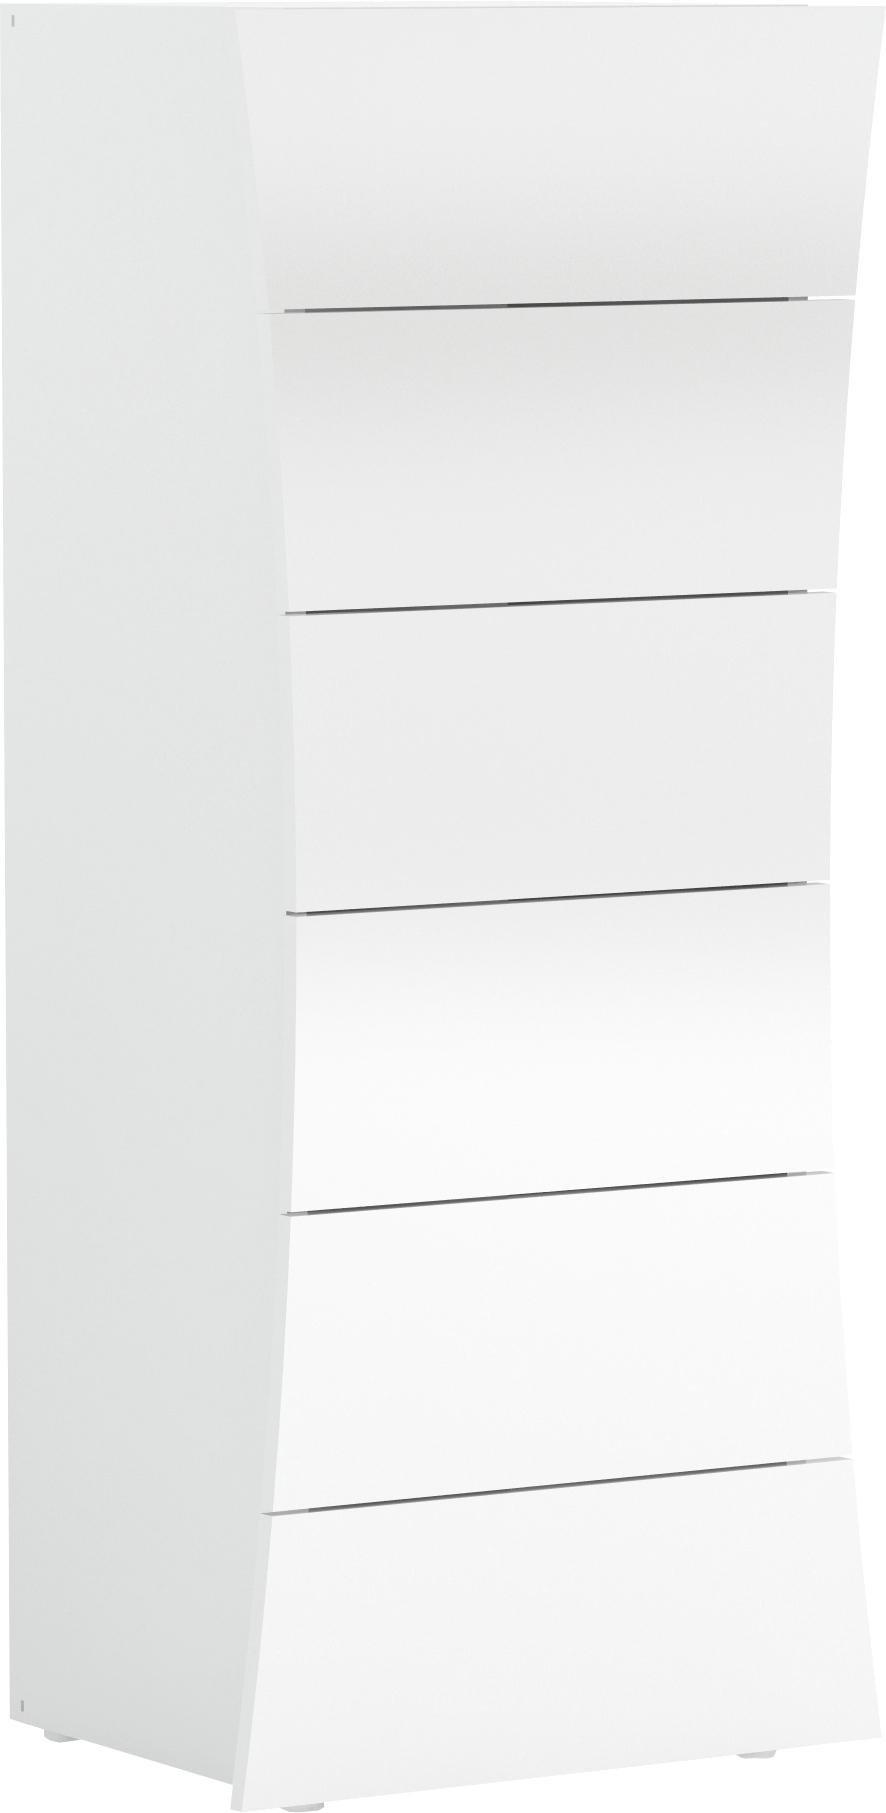 Tecnos kast Arco Breedte voorzijde 42-52 cm - gratis ruilen op otto.nl